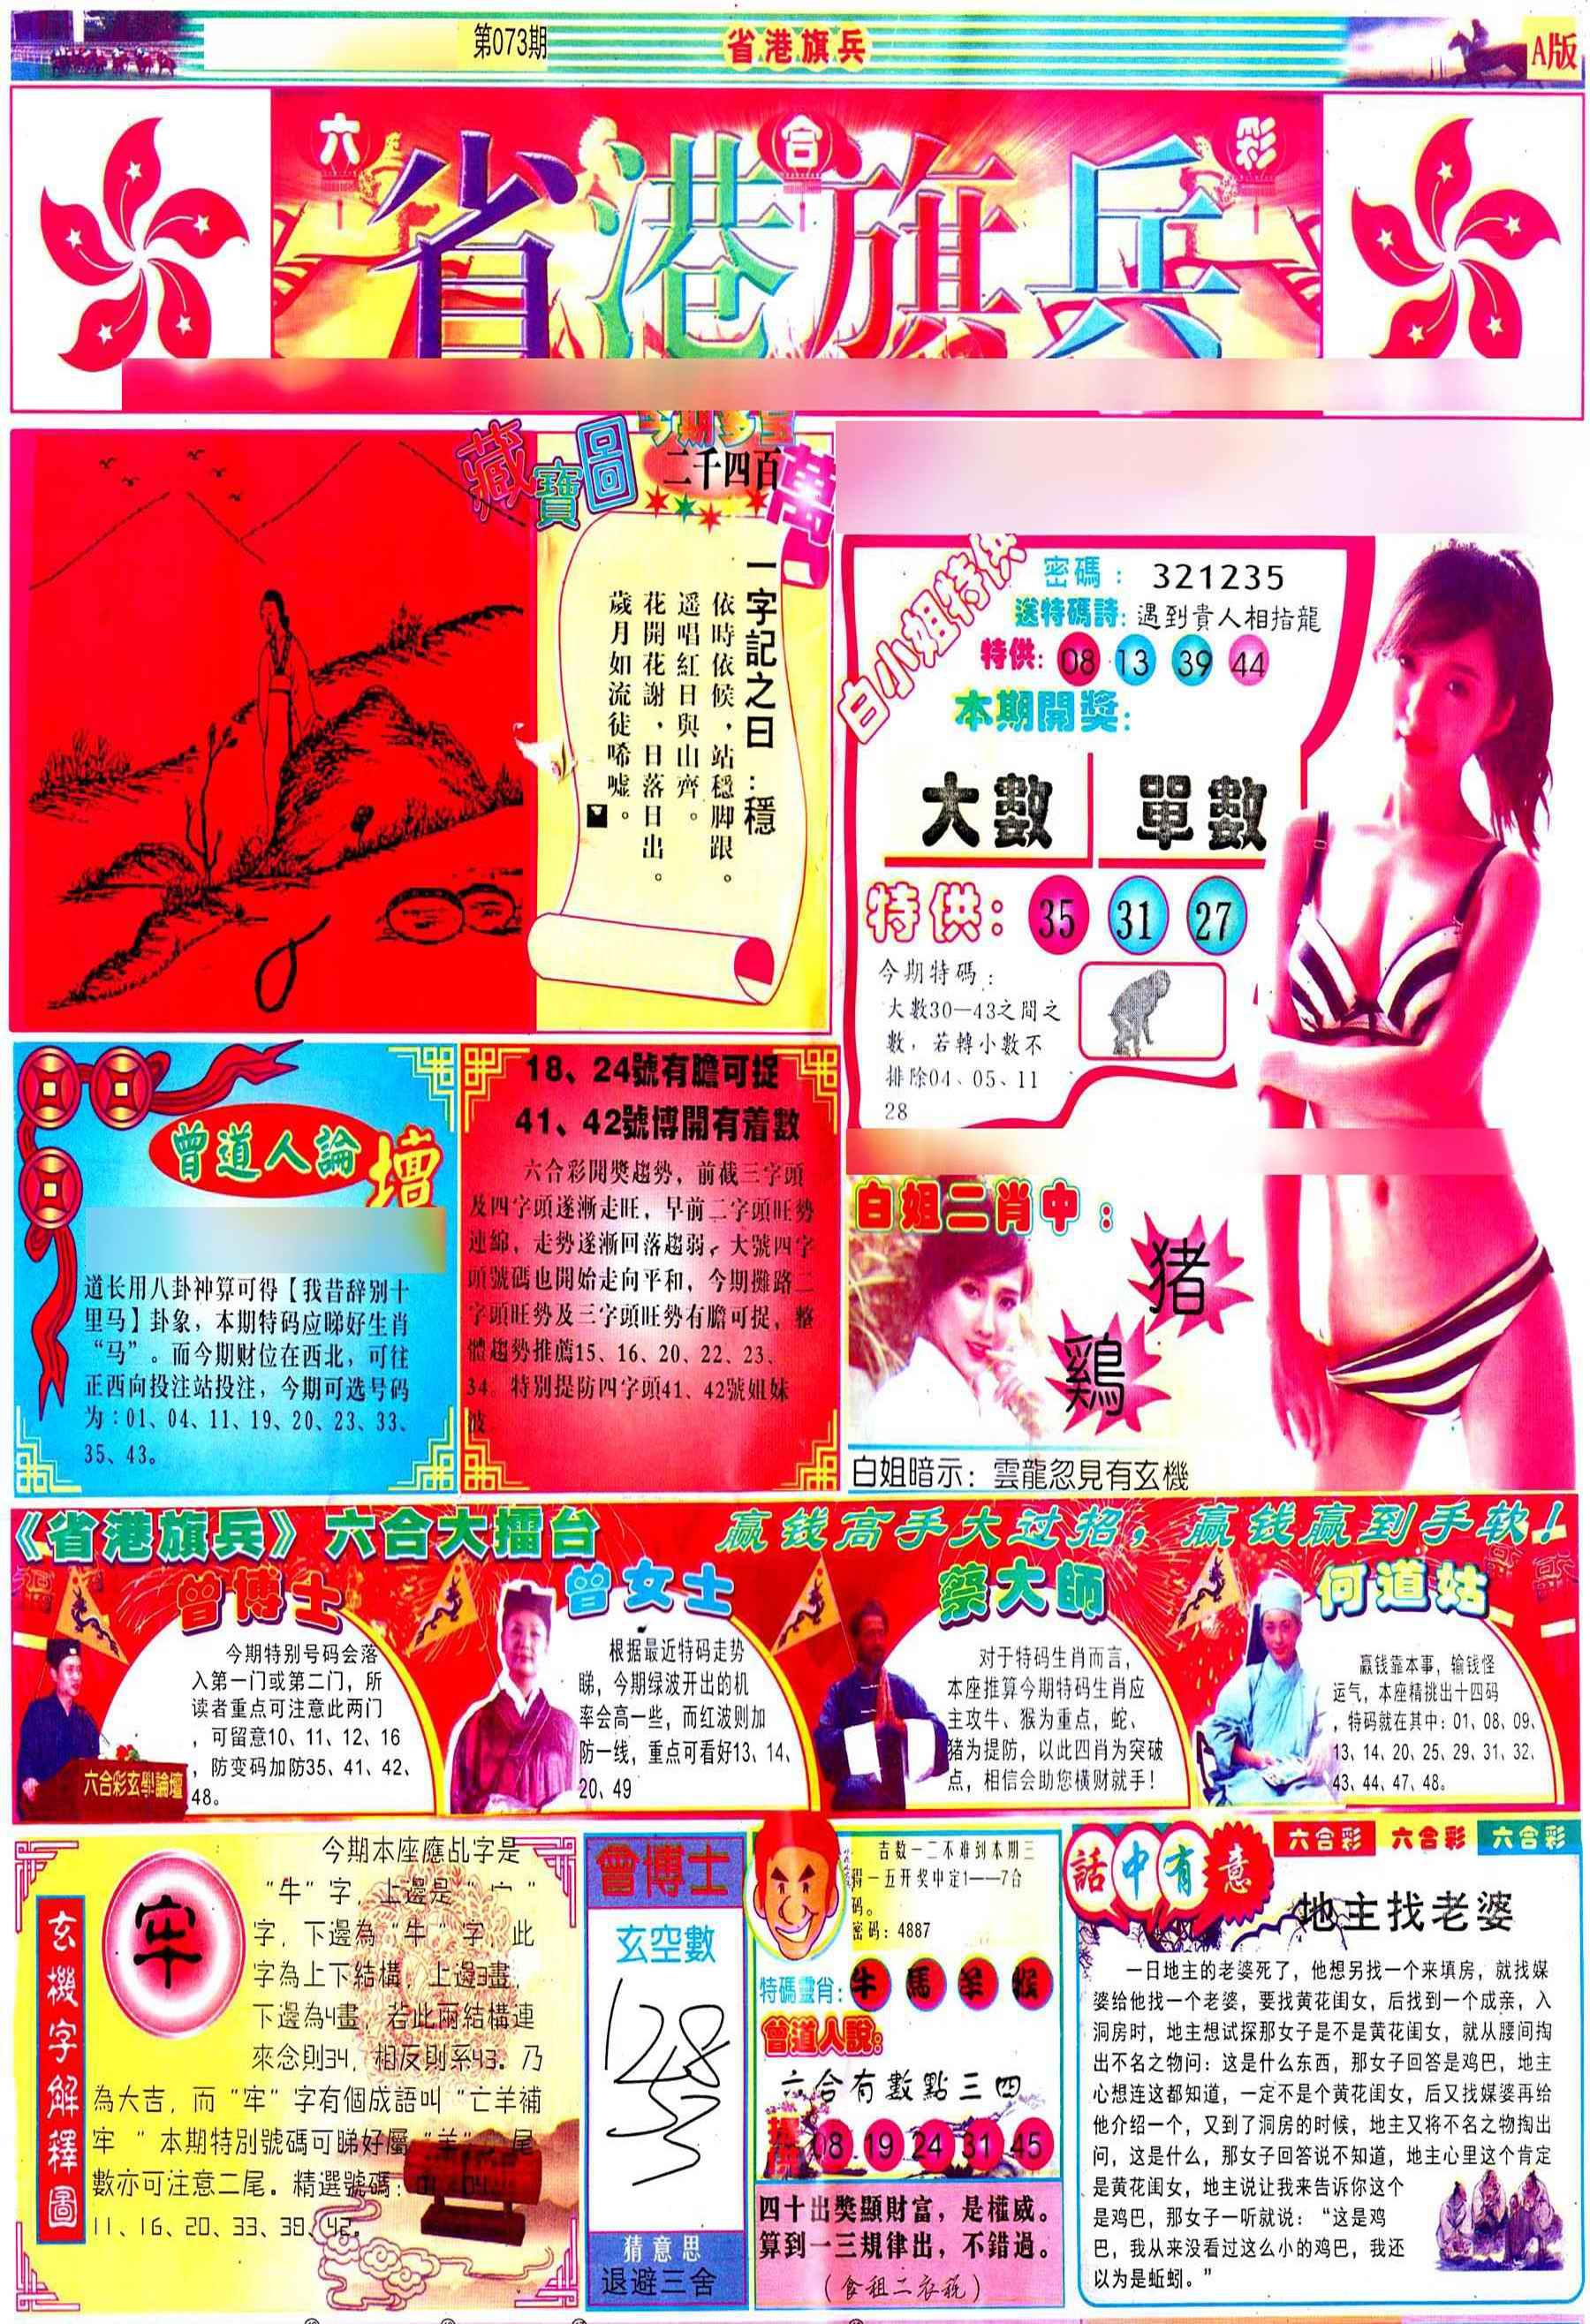 073期彩道A(保证香港版)